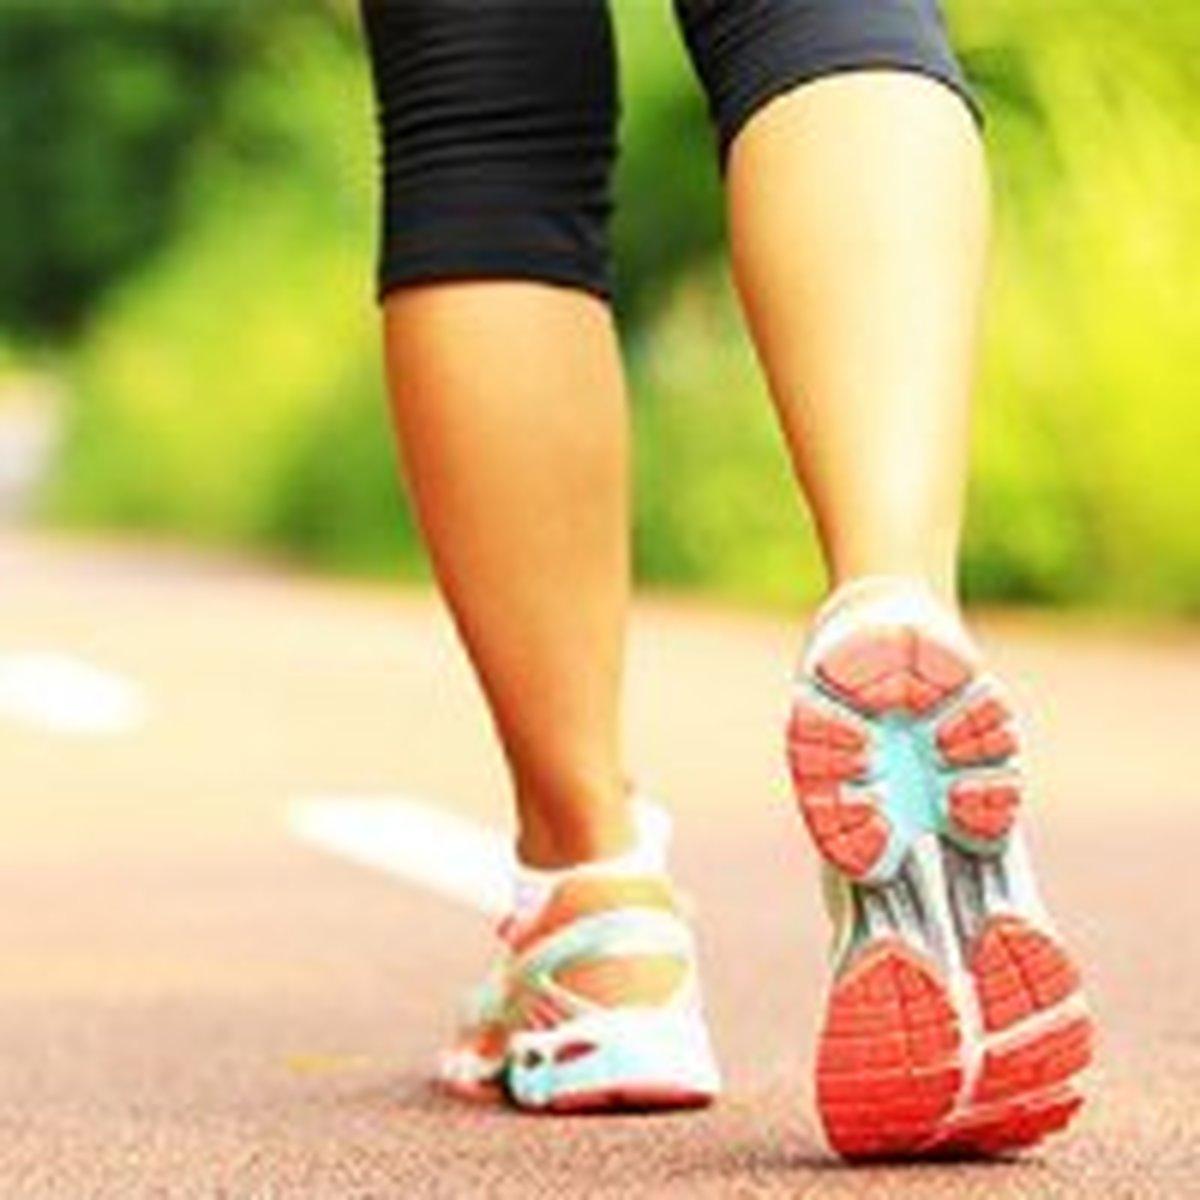 کاهش خطر مرگ زنانی که روزانه ۷۵۰۰ قدم برمیدارند